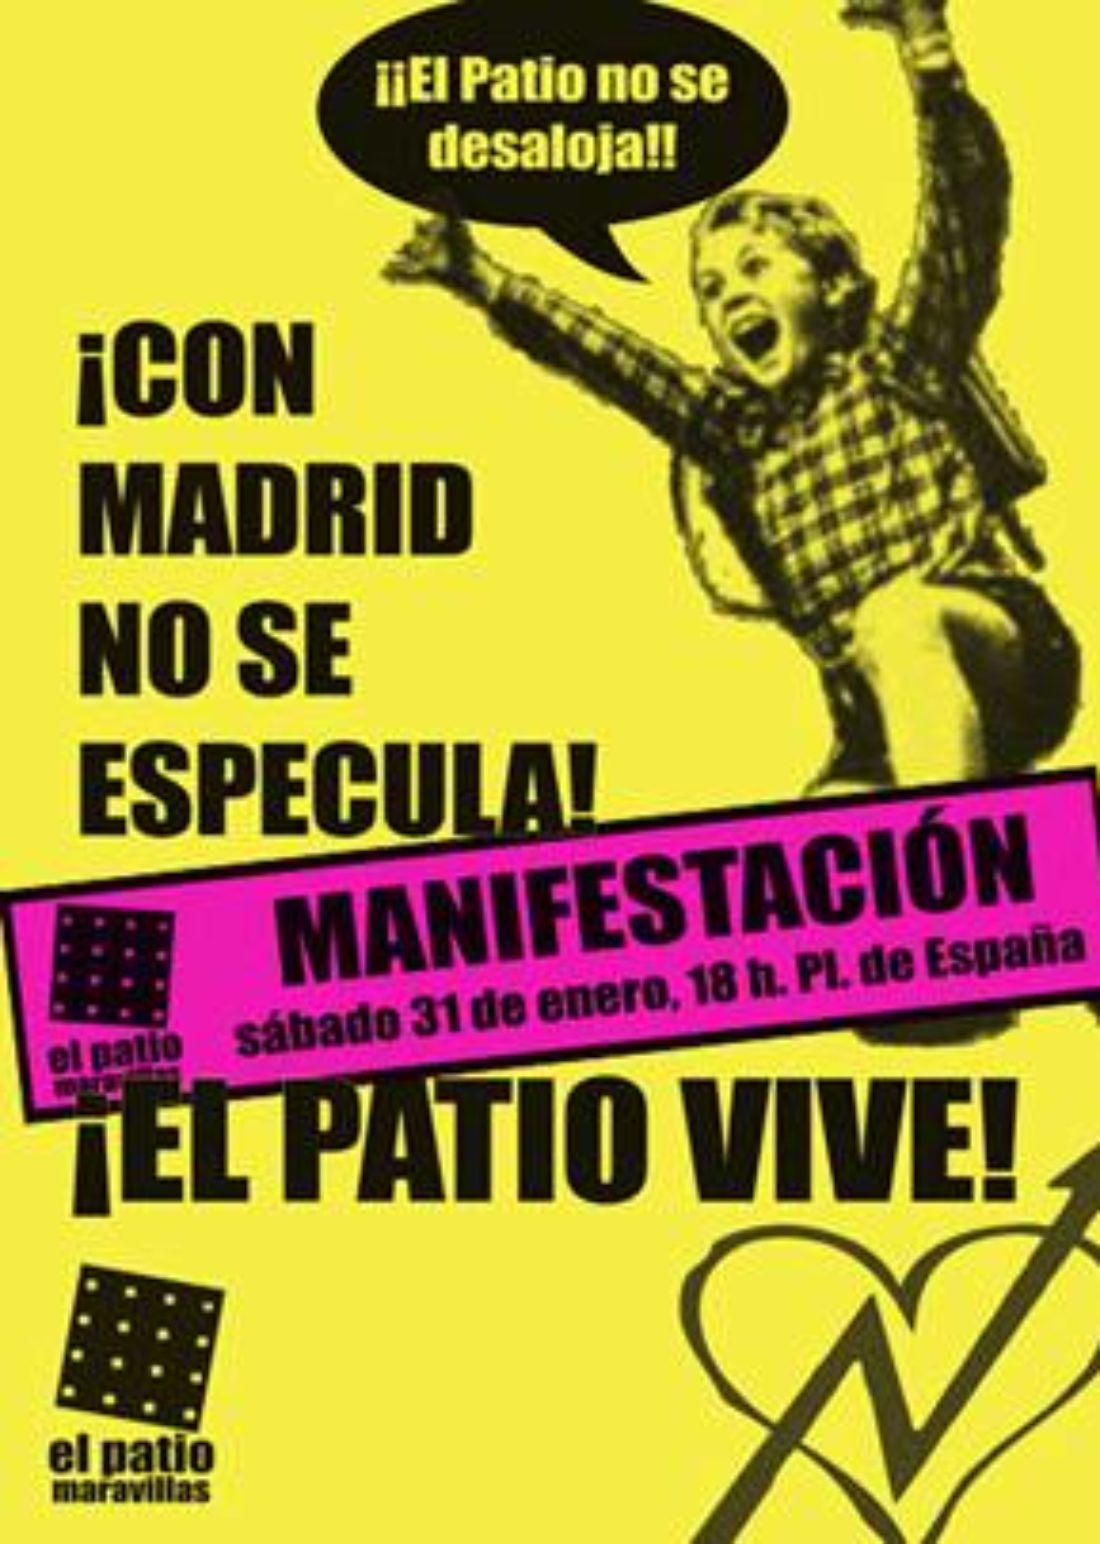 ¡Con Madrid no se especula! ¡El Patio vive! Manifestación: sábado 31 de enero, 18 h., Plaza de España